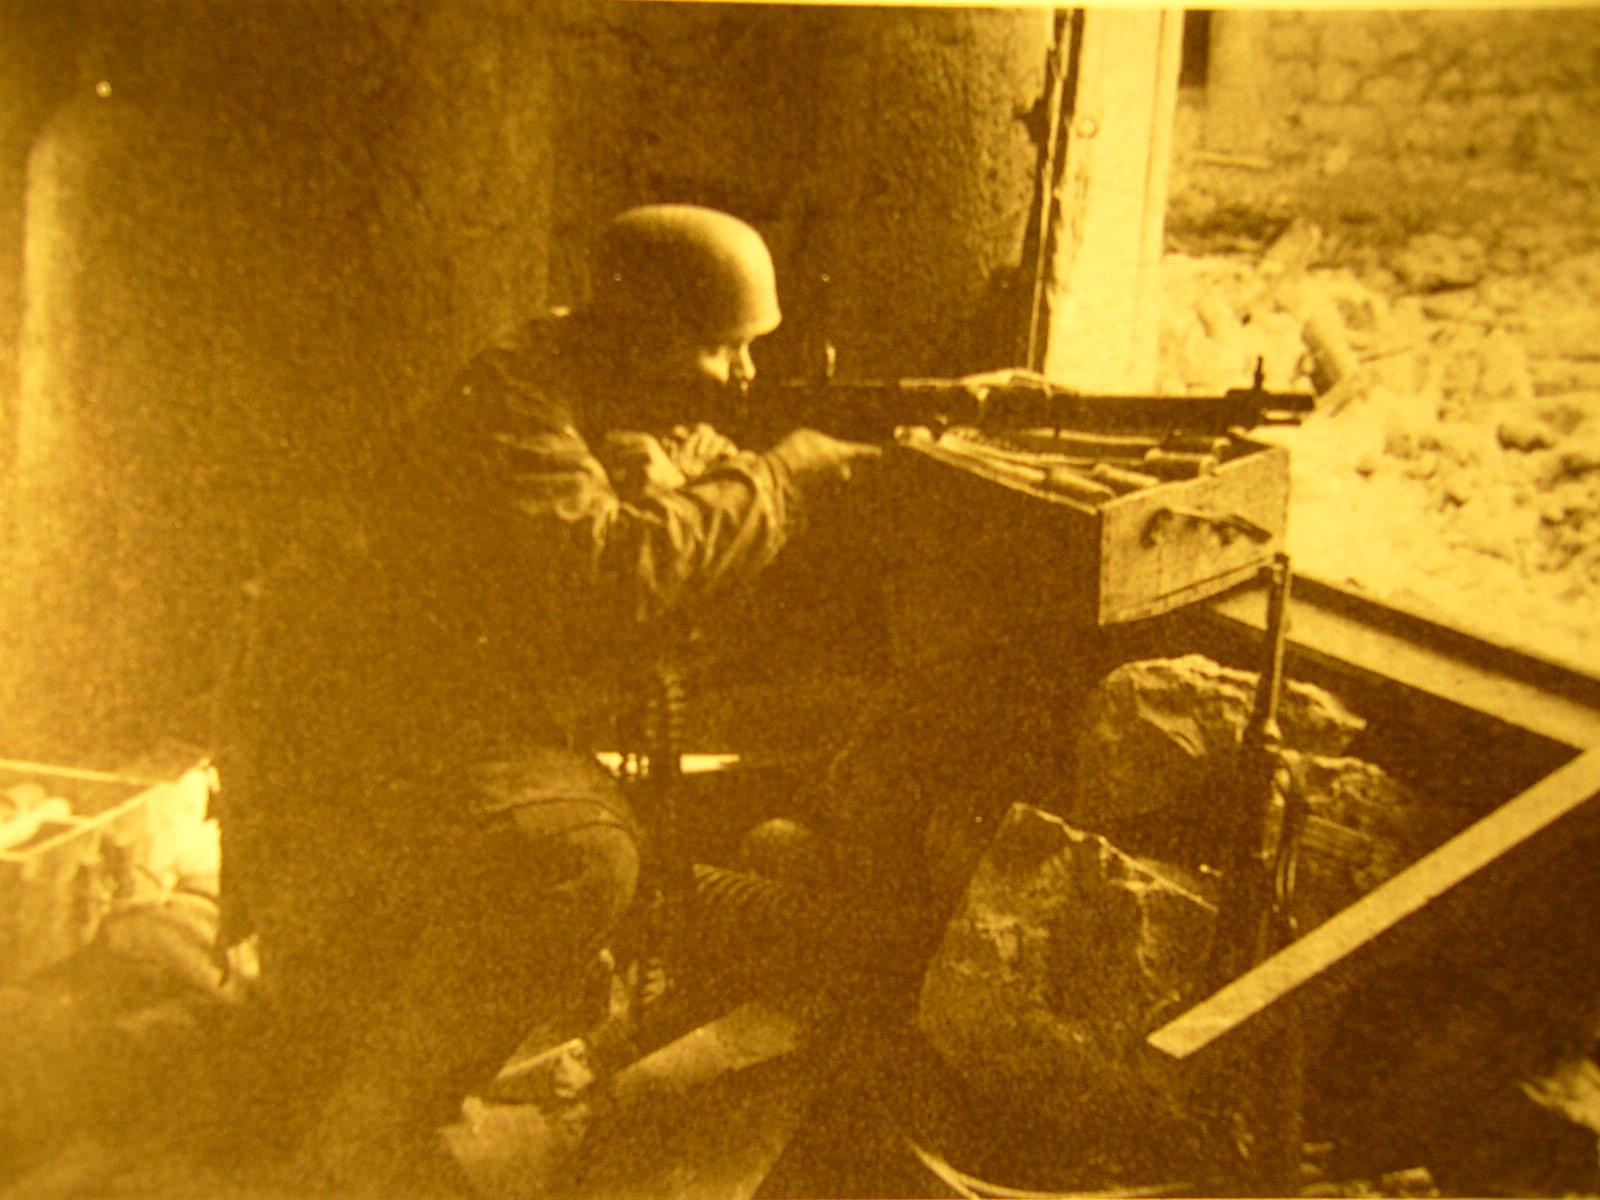 Fotografias increibles de la Segunda Guerra Mundial 4146208p1090937